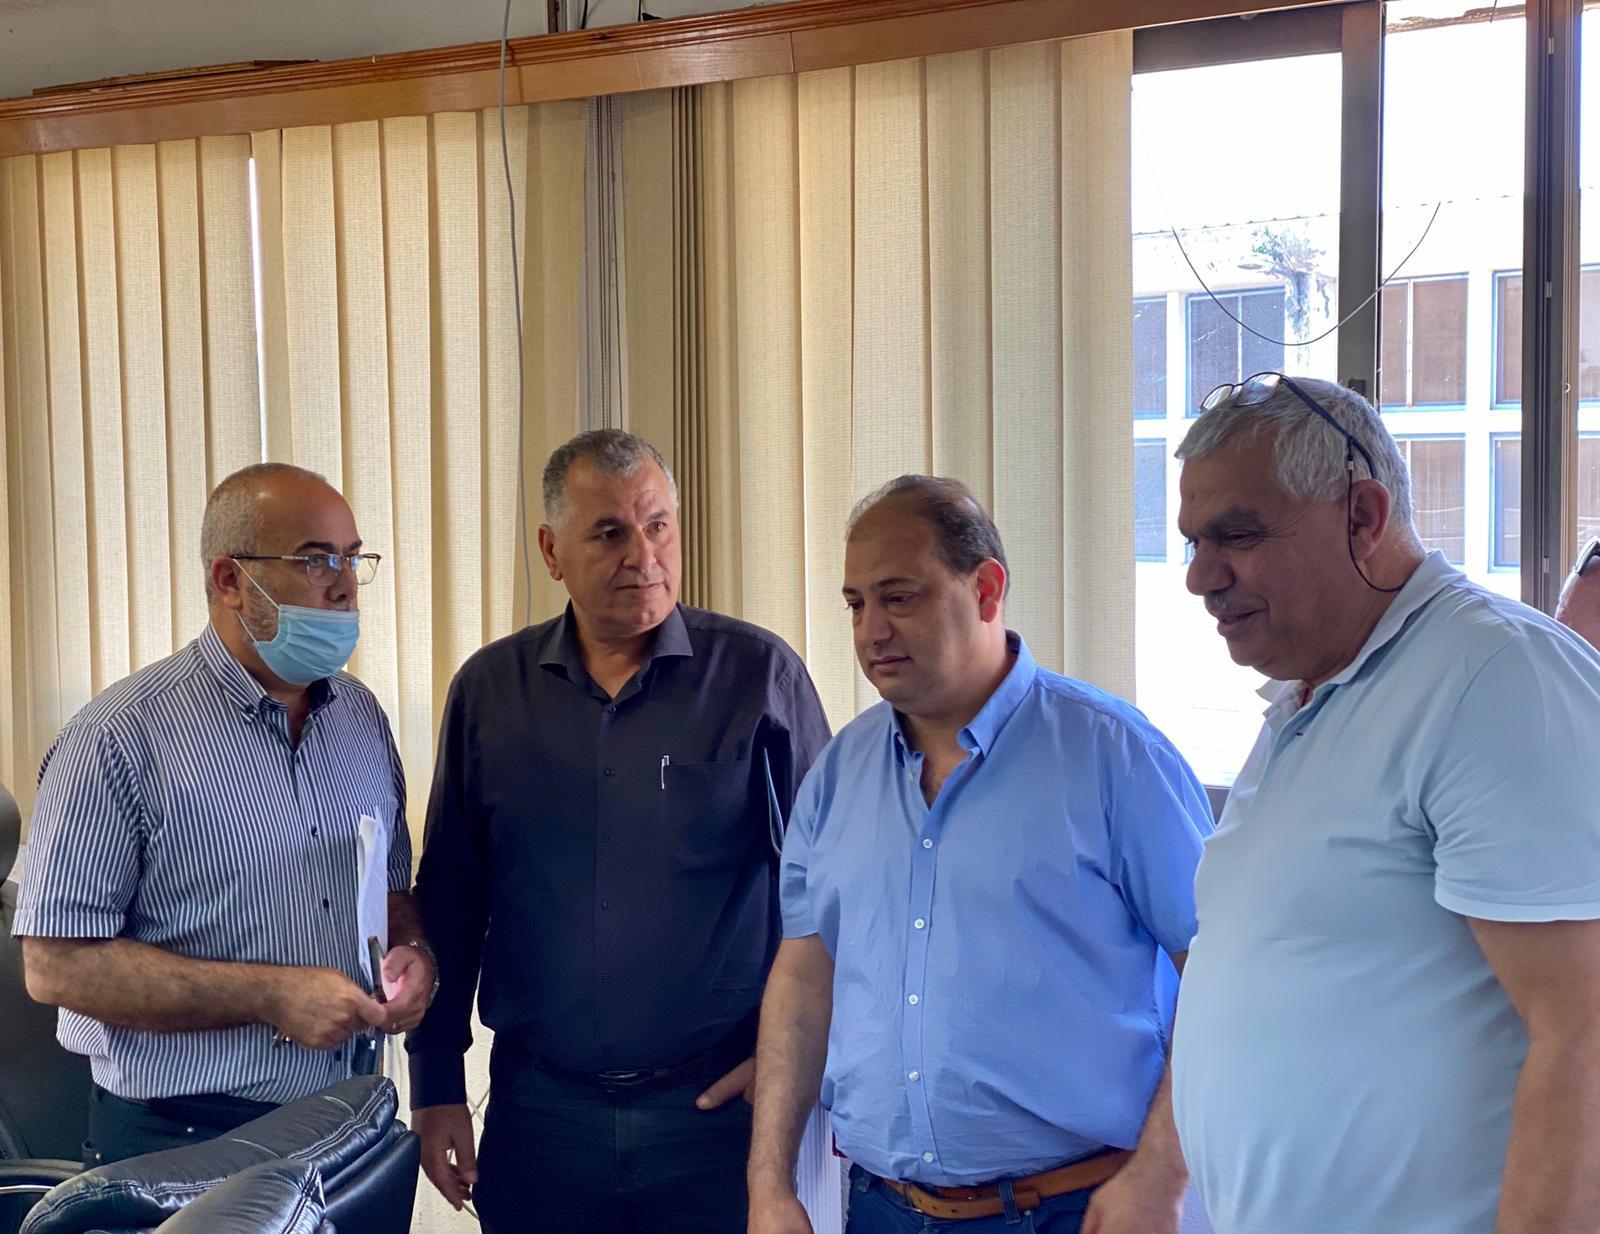 النائب أسامة السعدي ومندوبو  وزارة الإسكان في جولة ميدانية لمدينة الطيرة